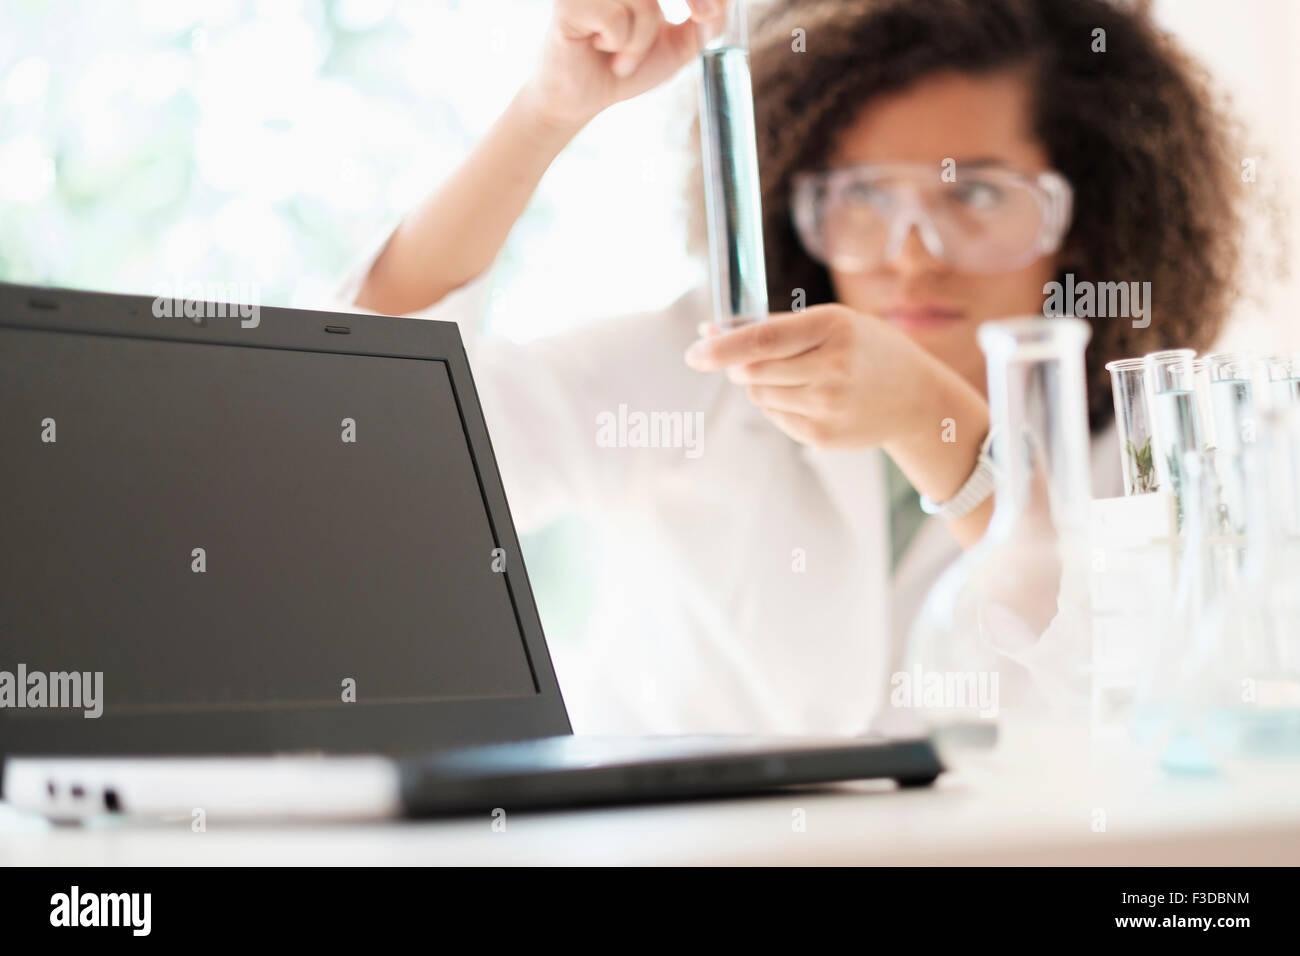 La recherche chimique scientifique Banque D'Images